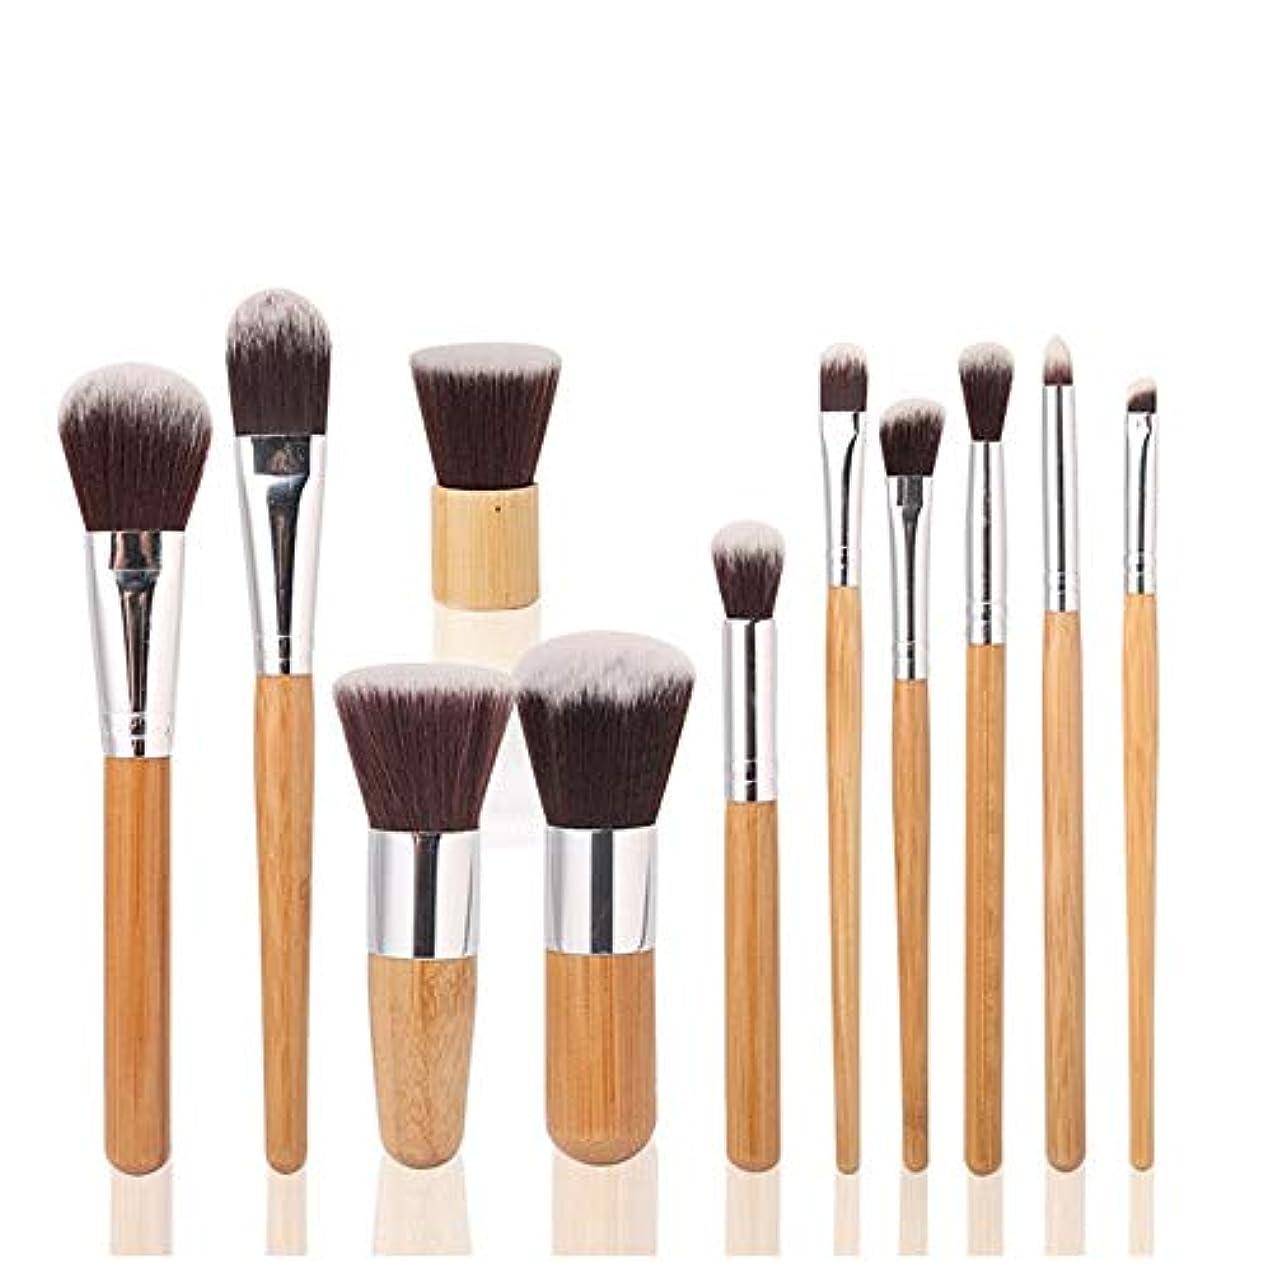 あたり愚か雨のMakeup brushes 11竹ハンドル化粧ブラシツールポータブルセットコンシーラー美容化粧放電組み合わせリネンバッグを送信 suits (Color : Clear)